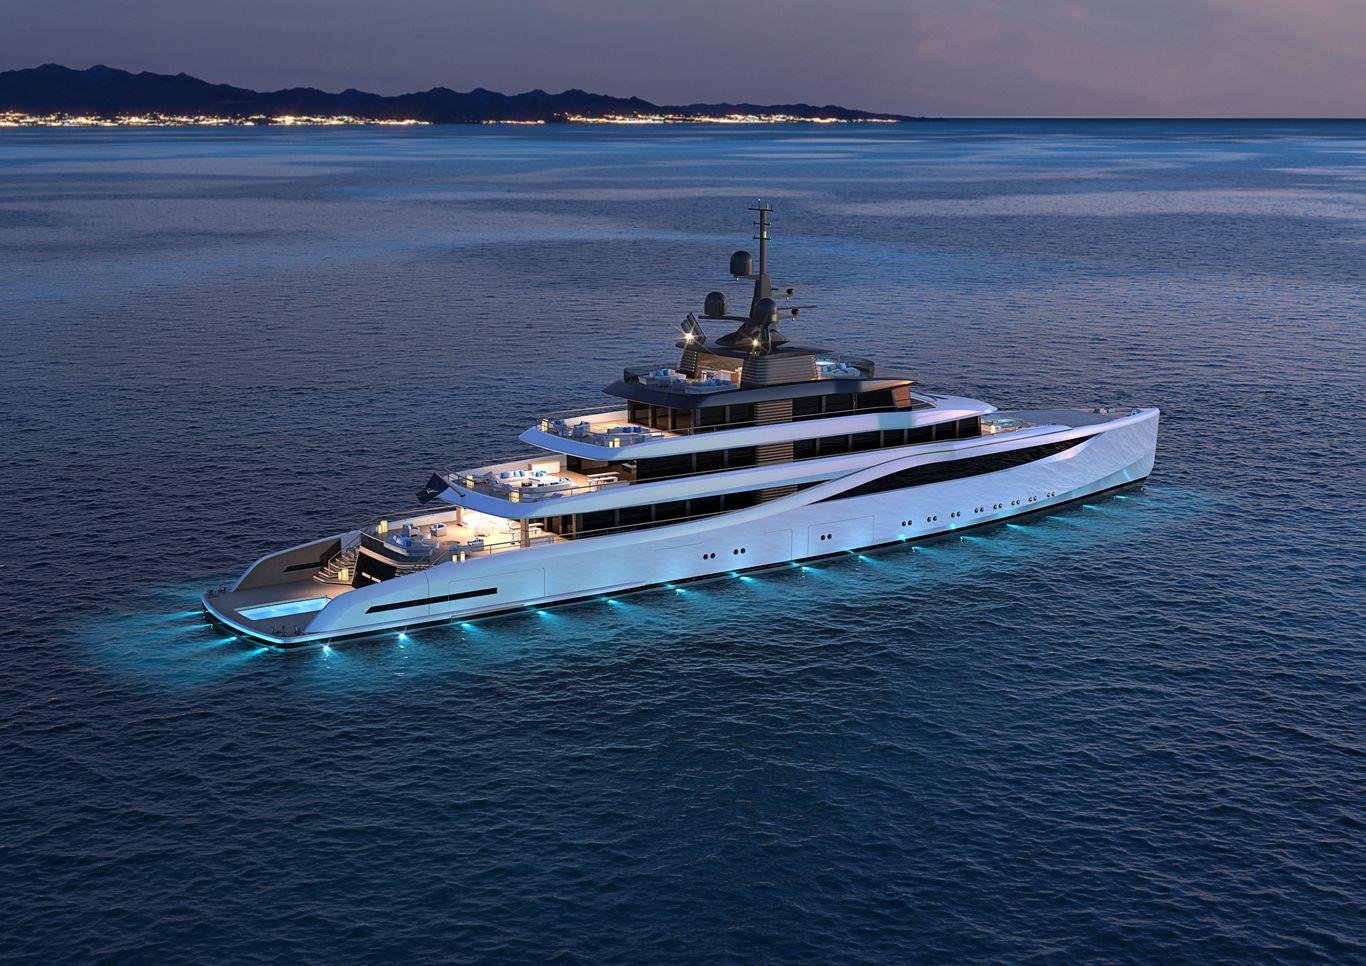 Superiate conceito Slipstream - boat shopping